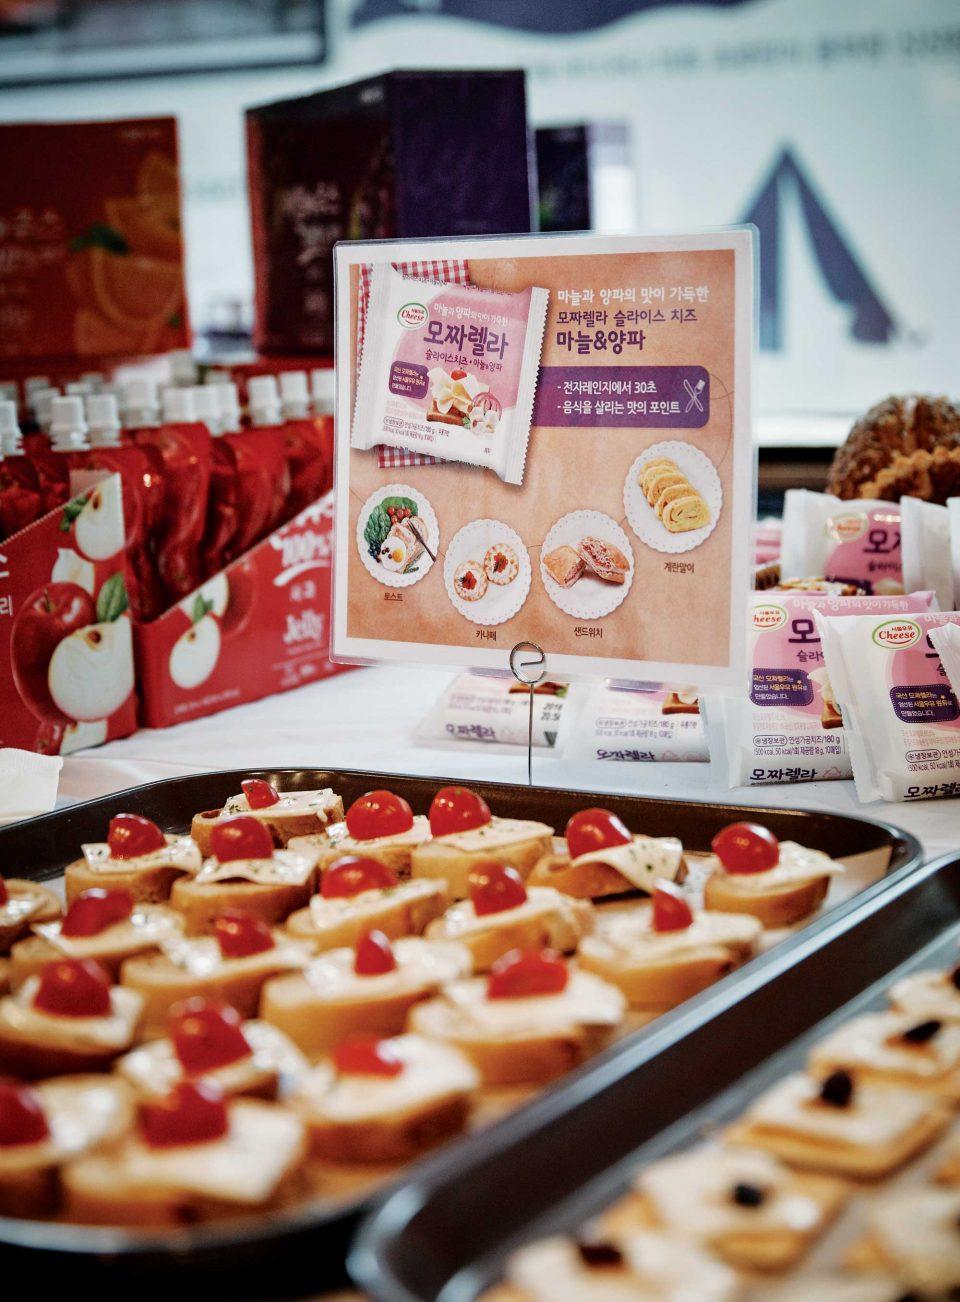 서울우유협동조합 부스에서 신제품인 아침에주스 100% 젤리, 모짜렐라 슬라이스 치즈 마늘&양파 등을 무료로 맛볼 수 있었다. © 양성모